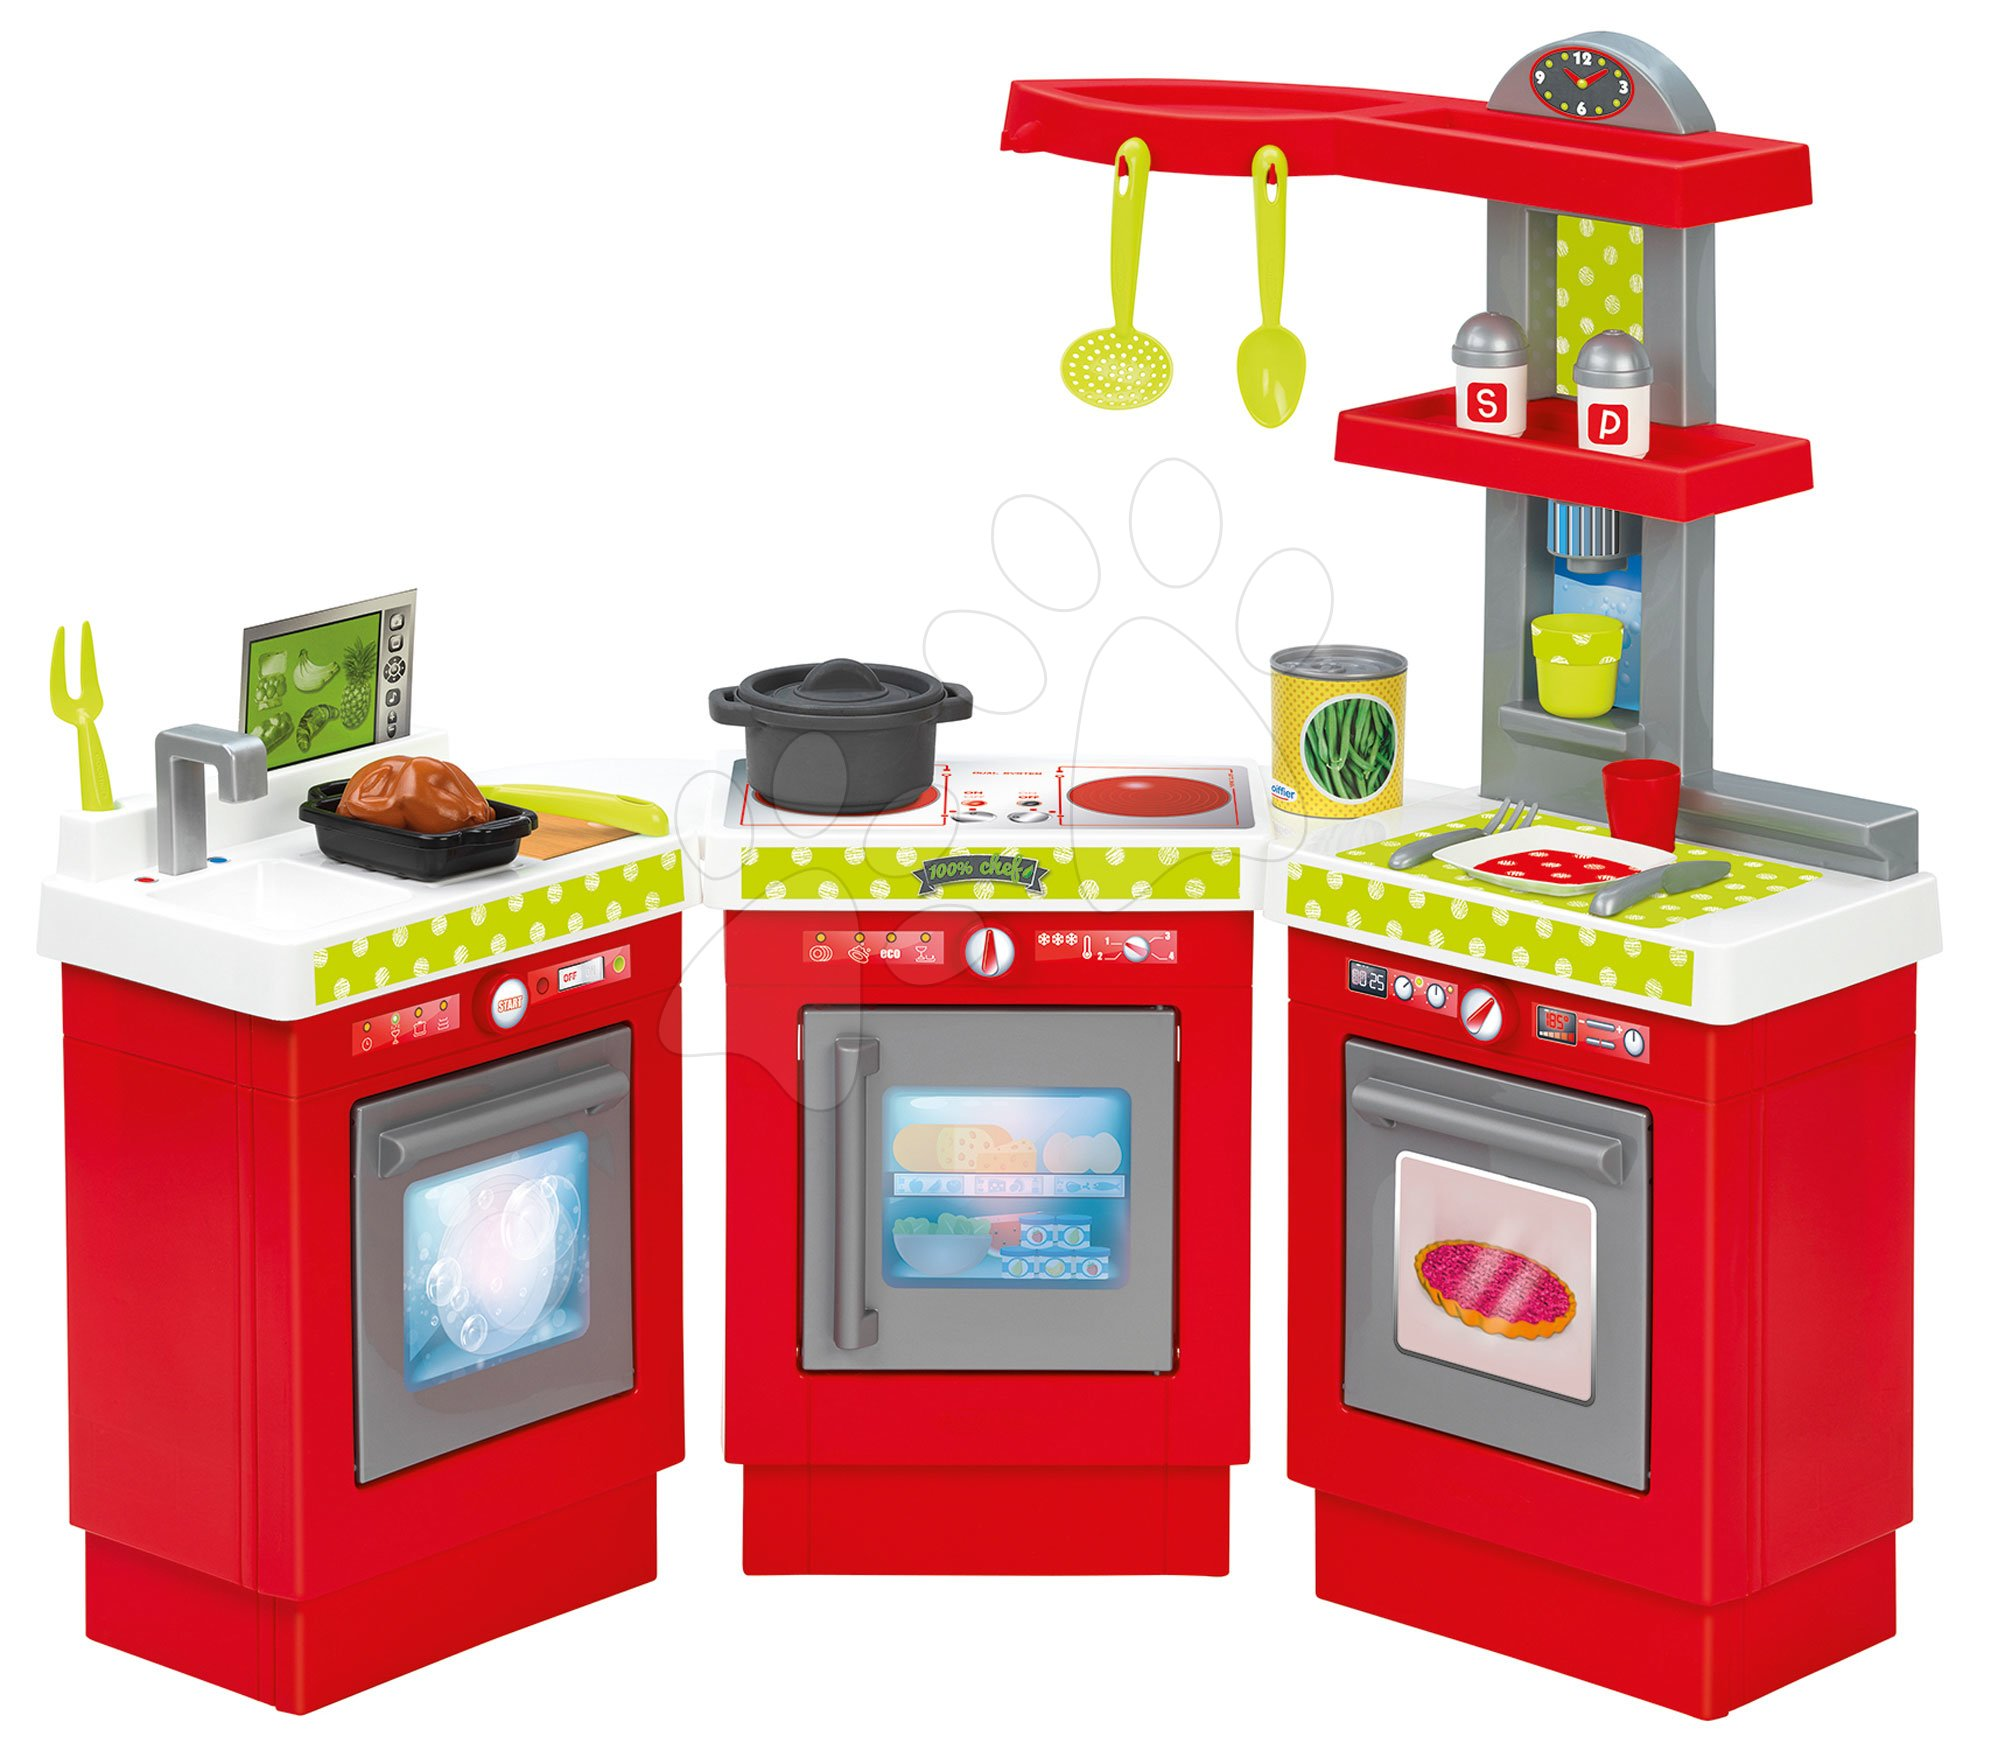 Kuchyňka 3 Modules 100% Chef Écoiffier třídílná s 21 doplňky od 18 měsíců